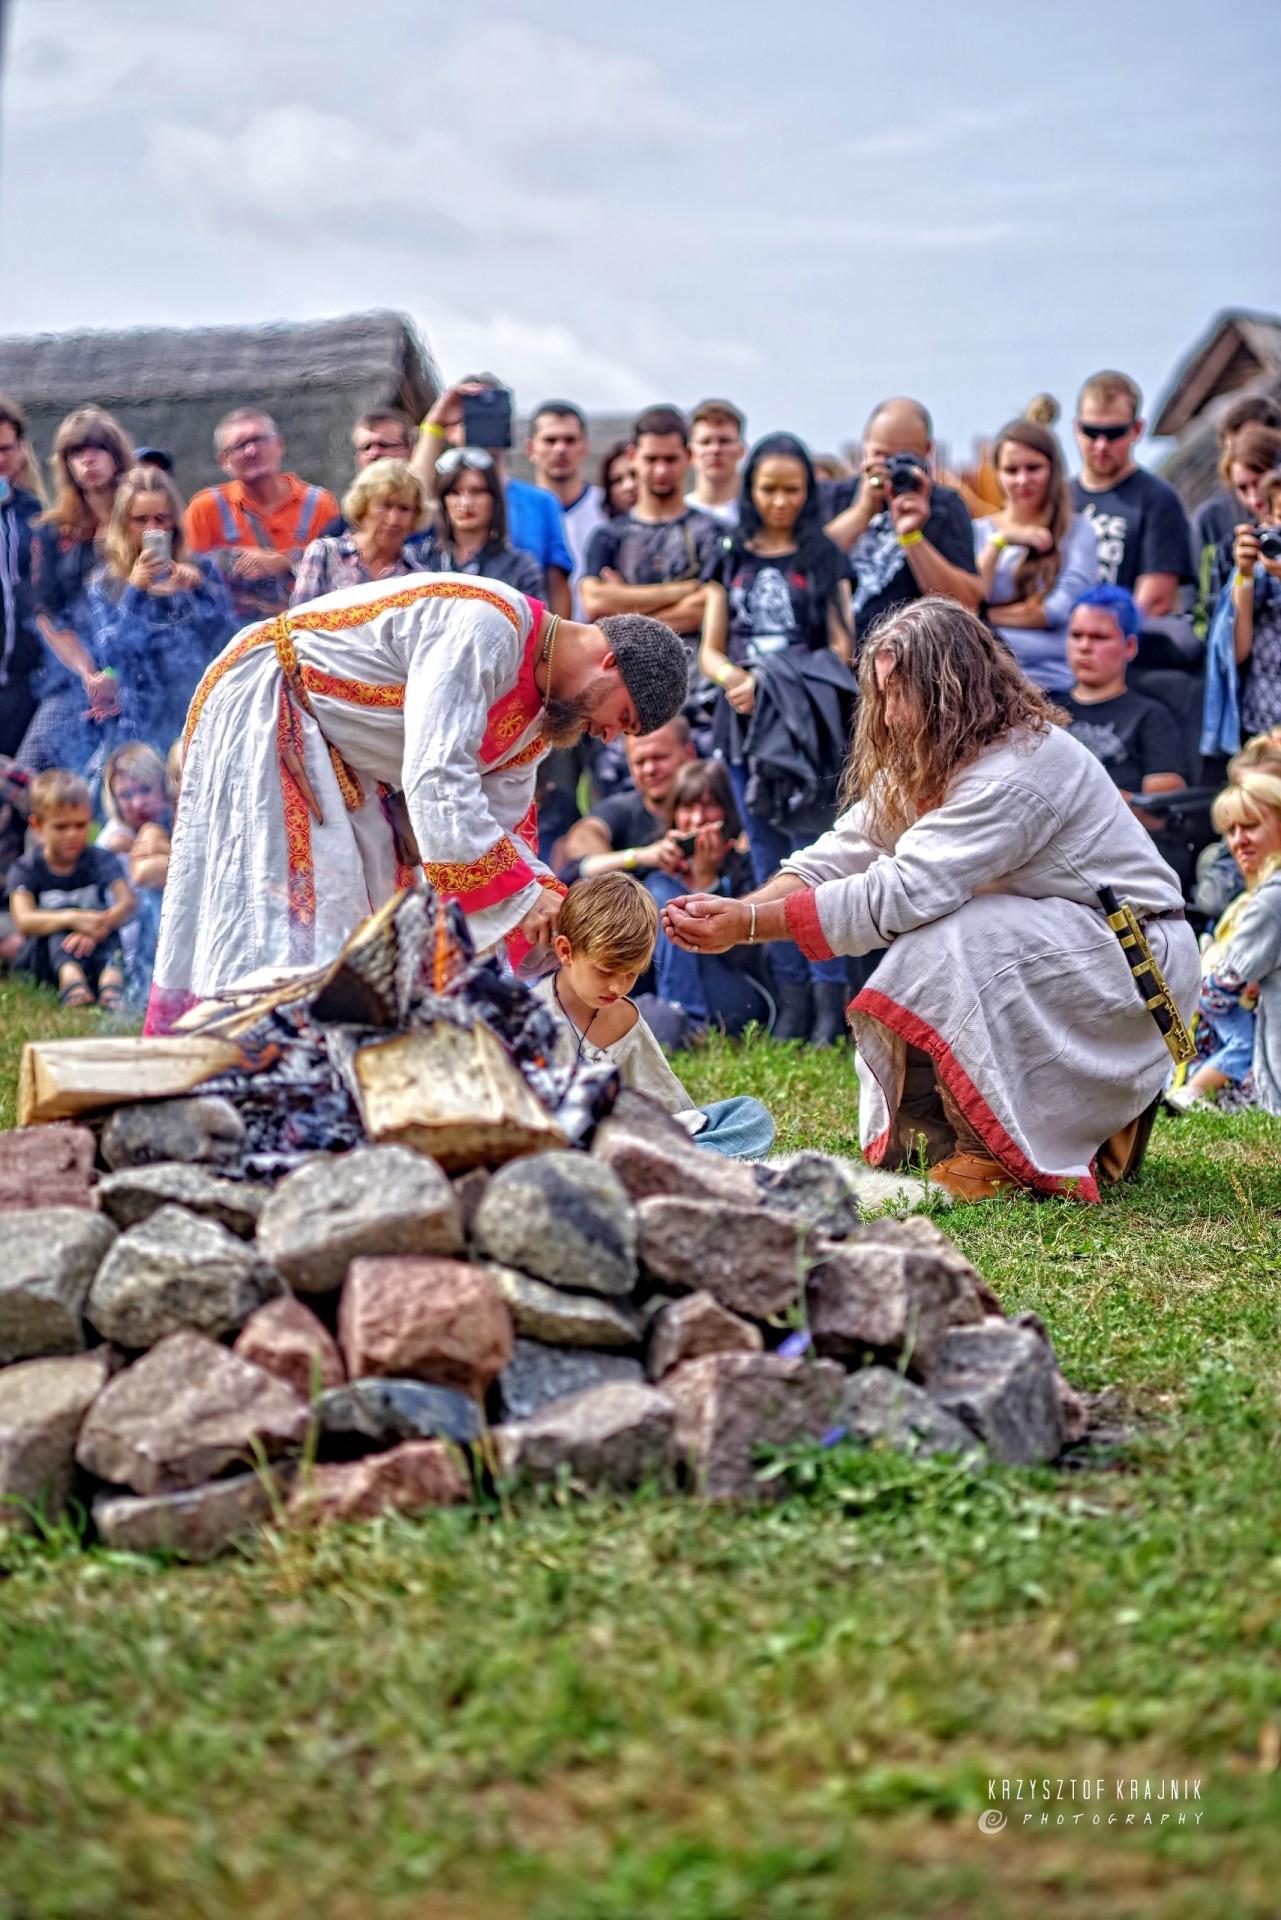 Festiwal Mitologii Słowiańskiej za nami. Jak było? [FOTOREPORTAŻ] 8